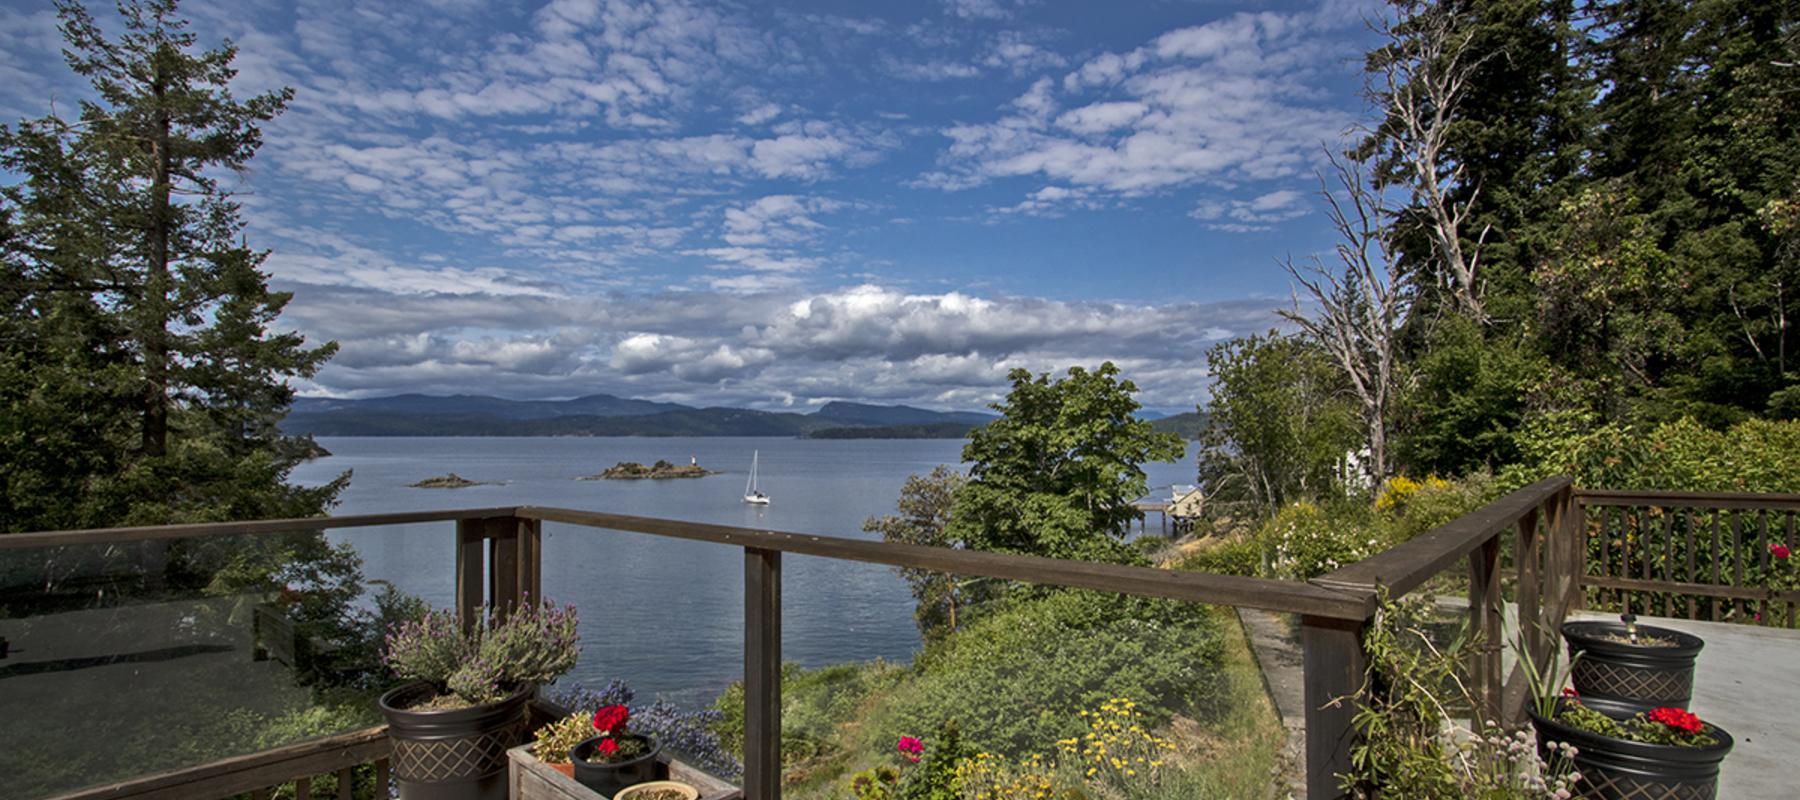 Ocean-view deck Pender Island